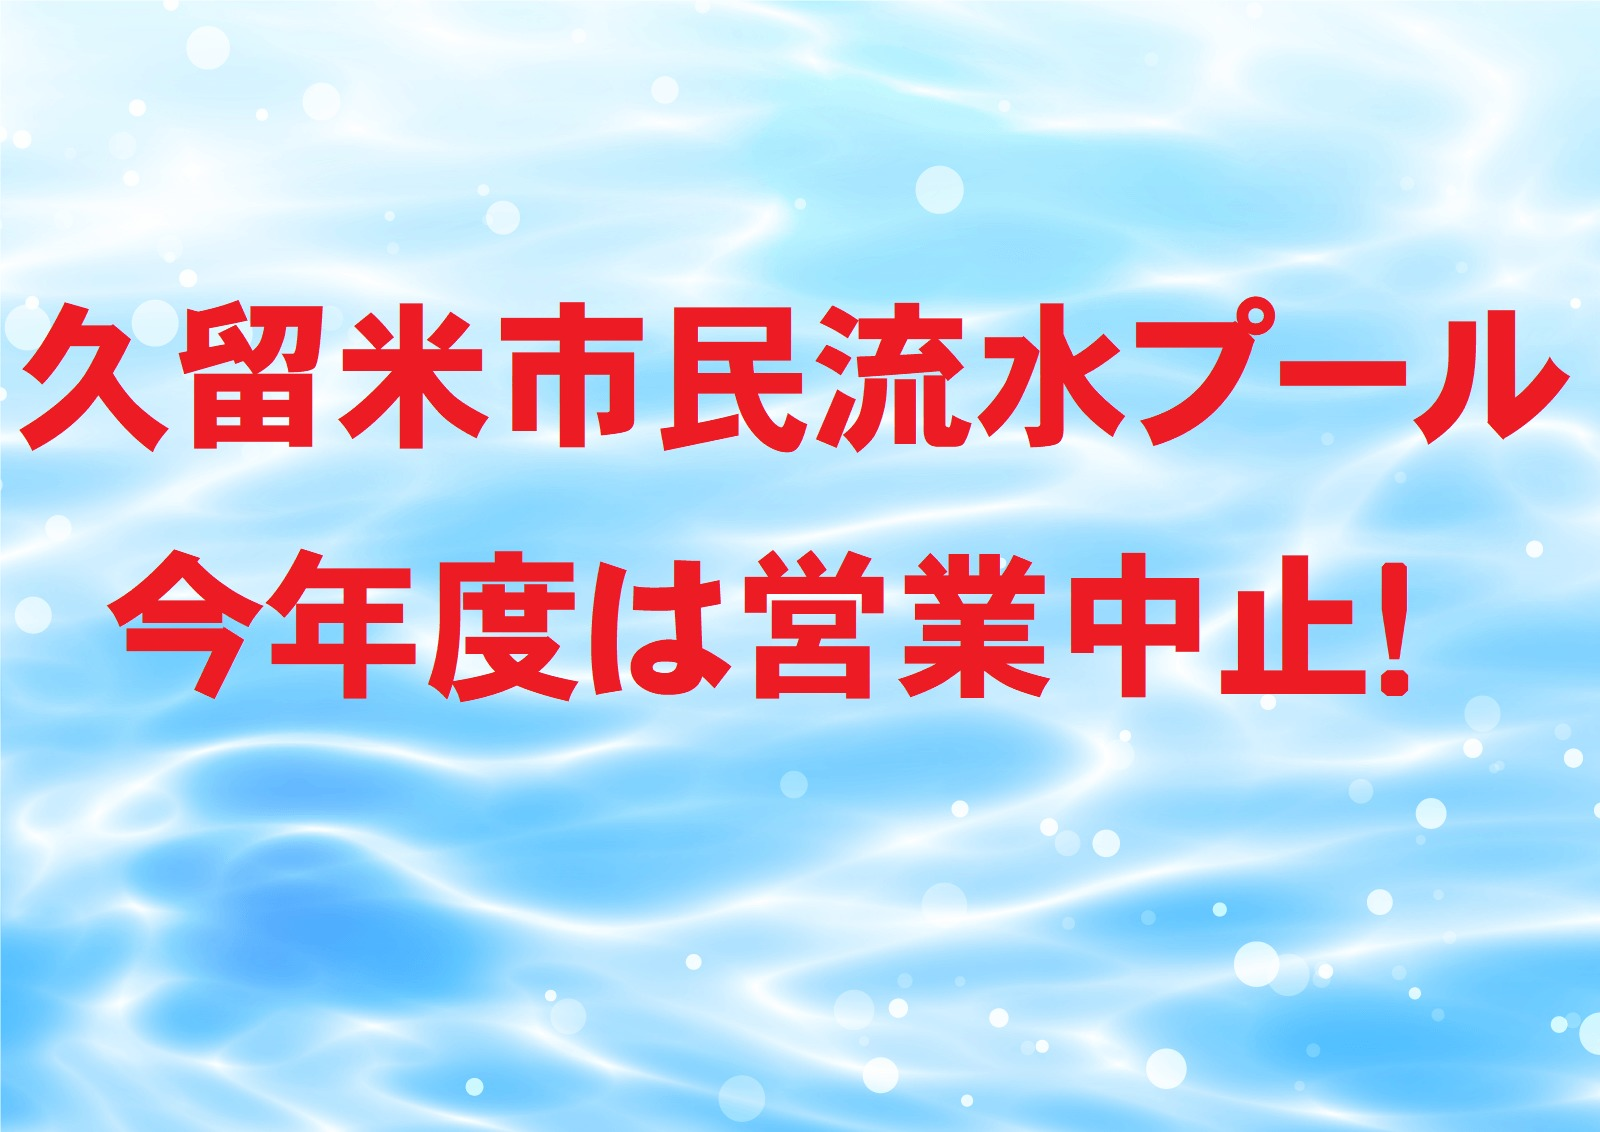 今年も「くるめ市民流水プール」の営業中止 新型コロナ拡大防止のため